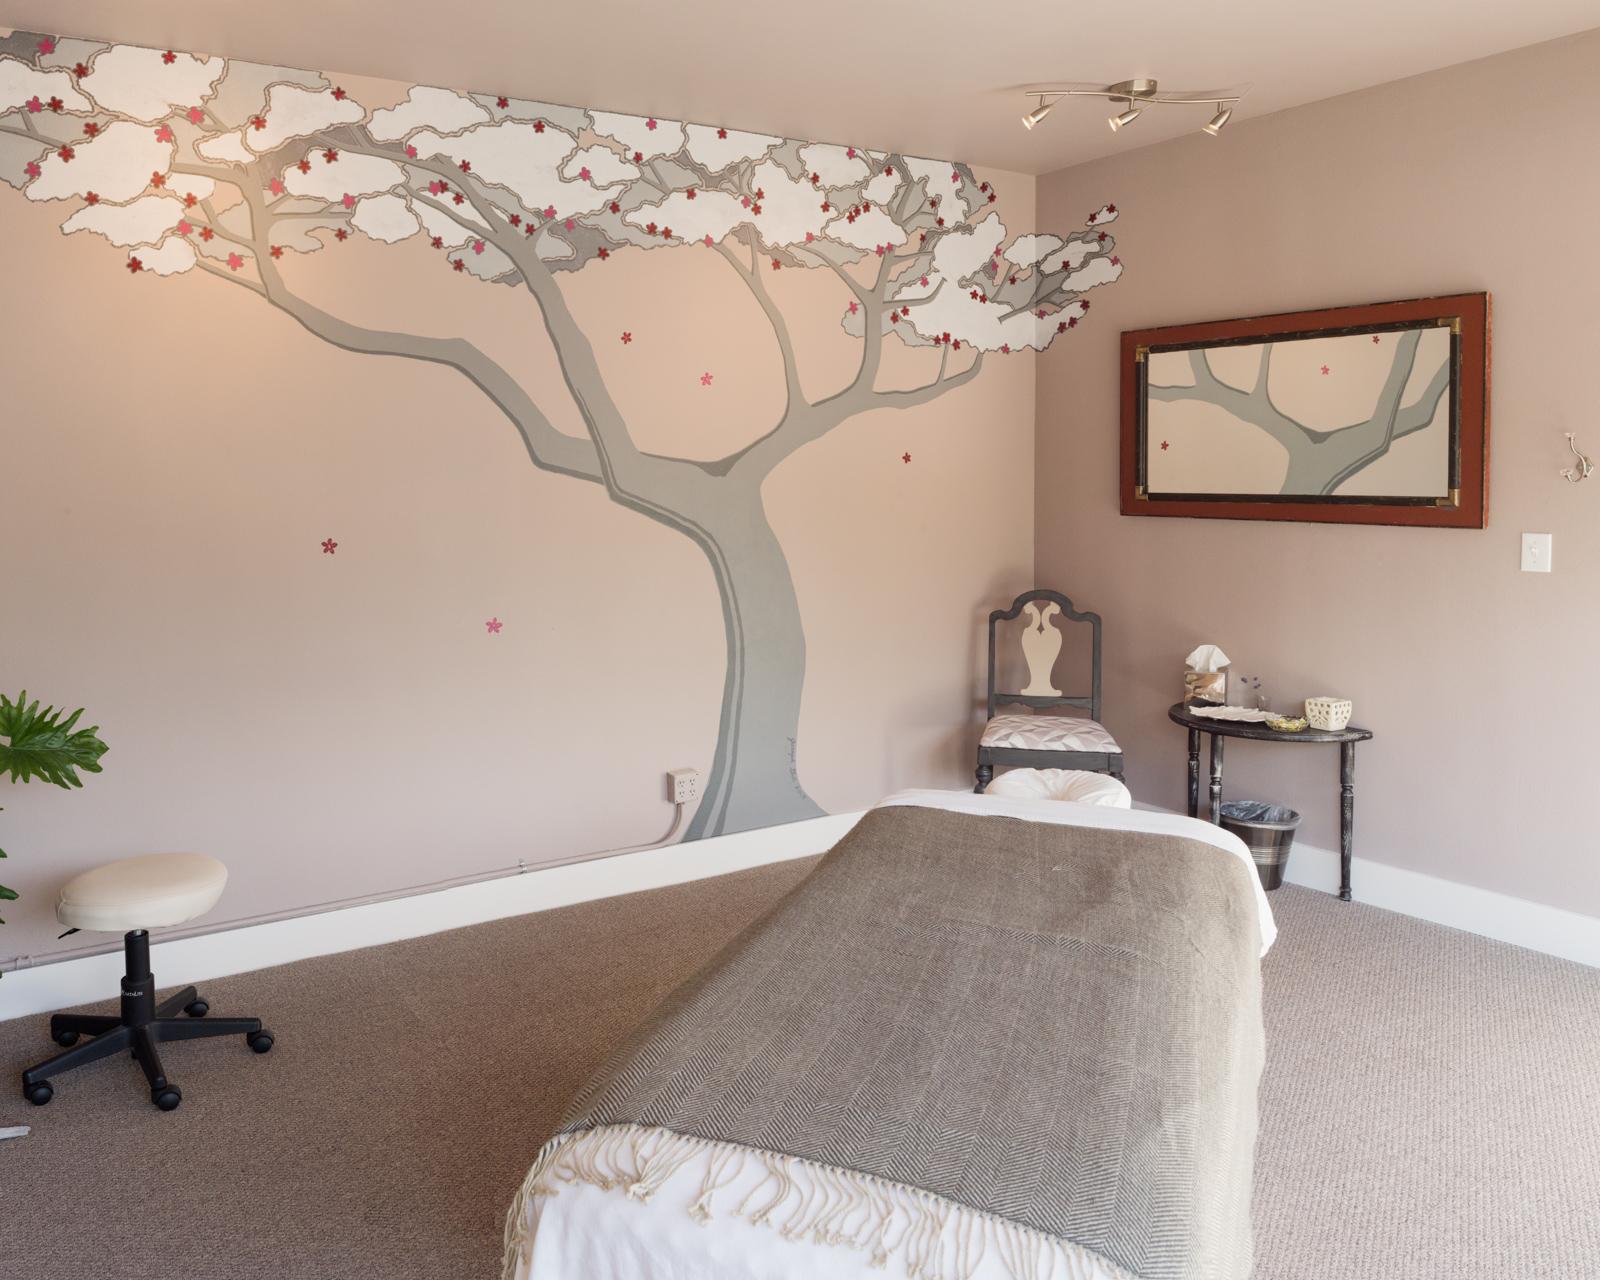 Large treatment room